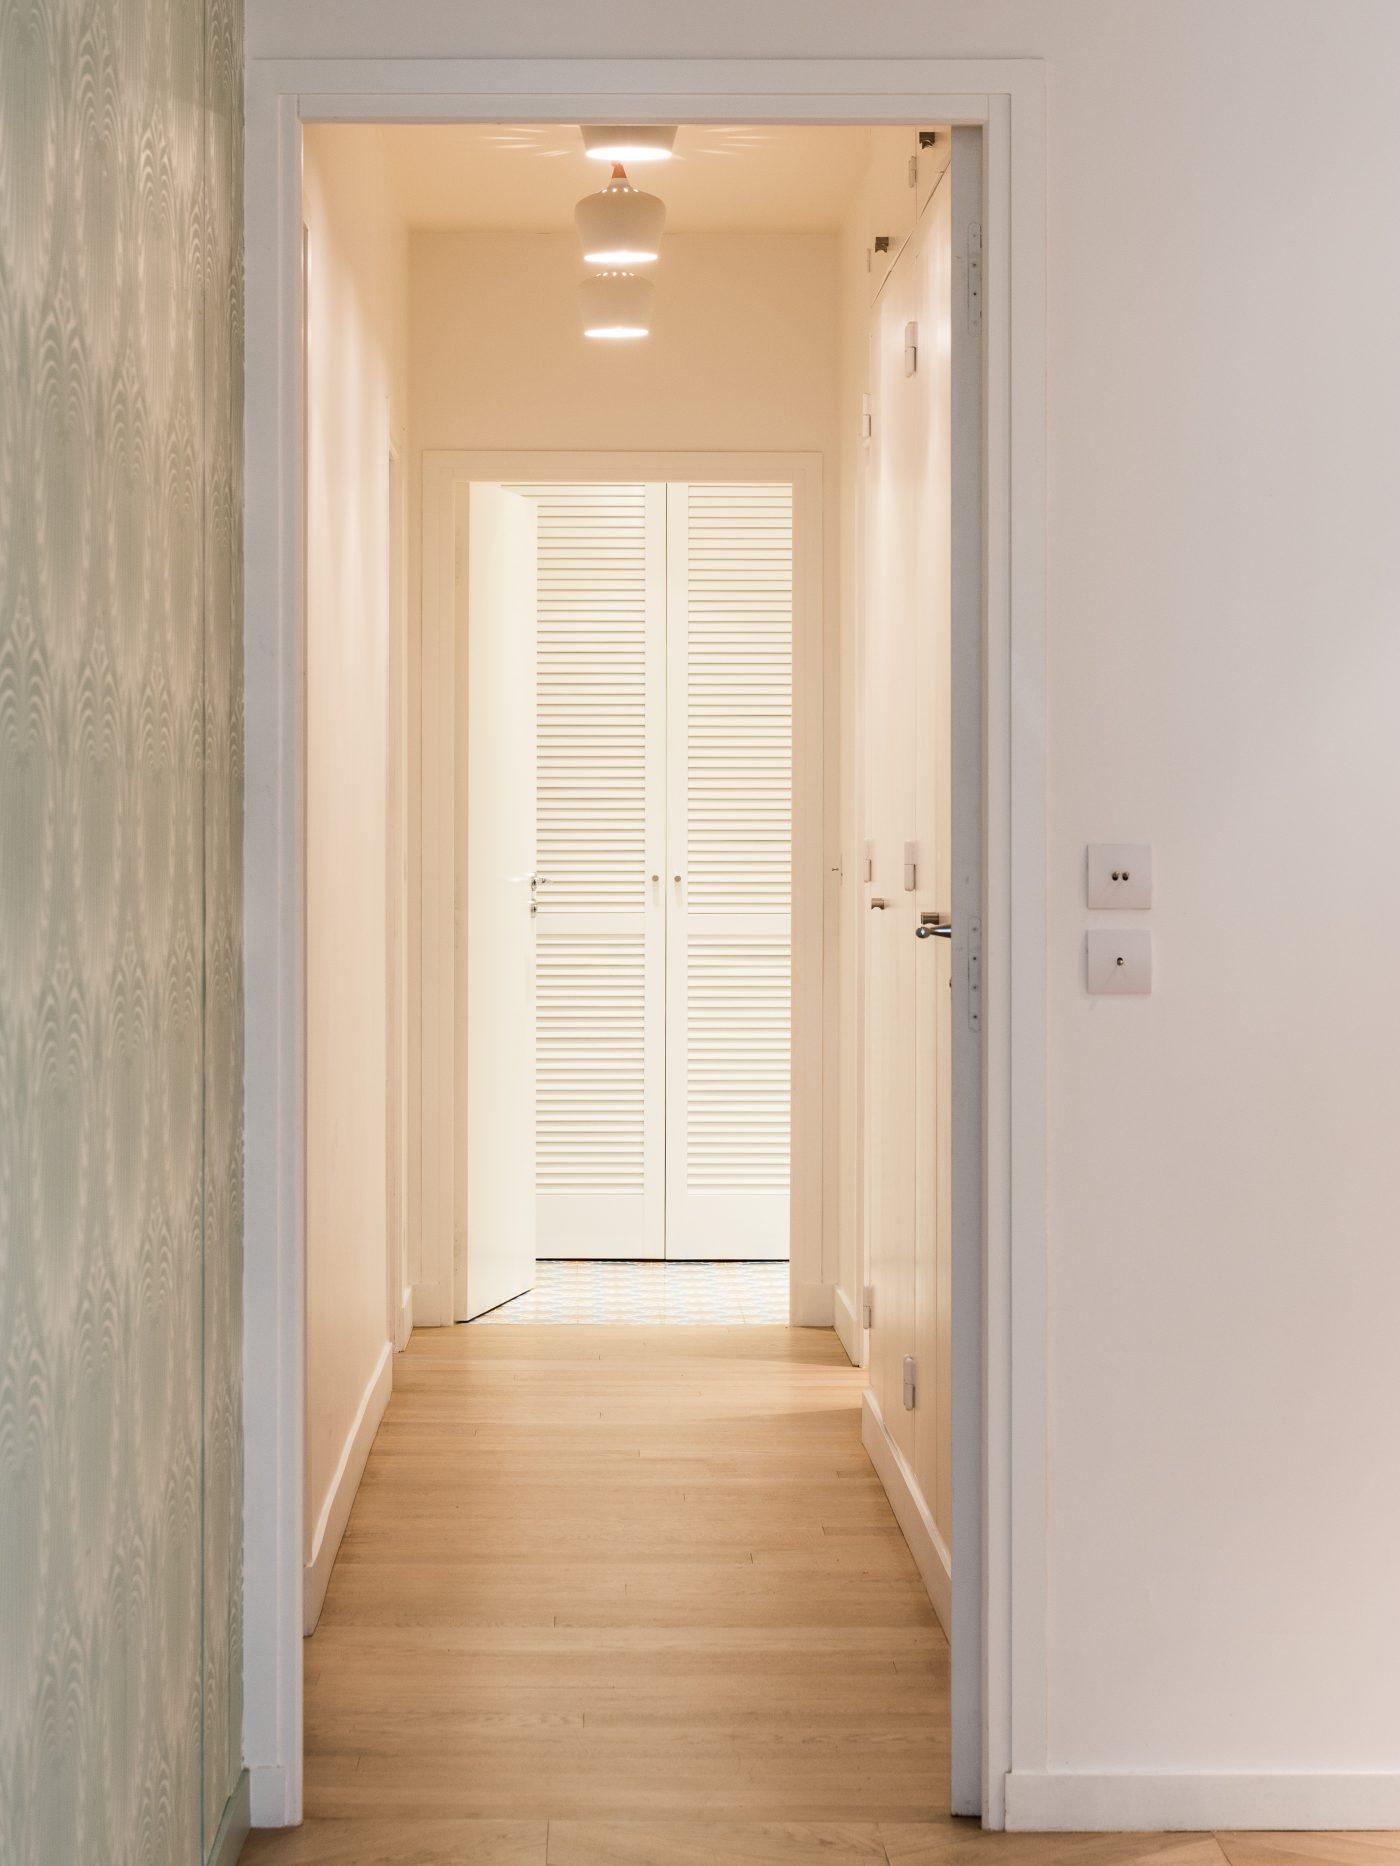 Appartement de 130m2 parc Monceau Paris 8me  Marion